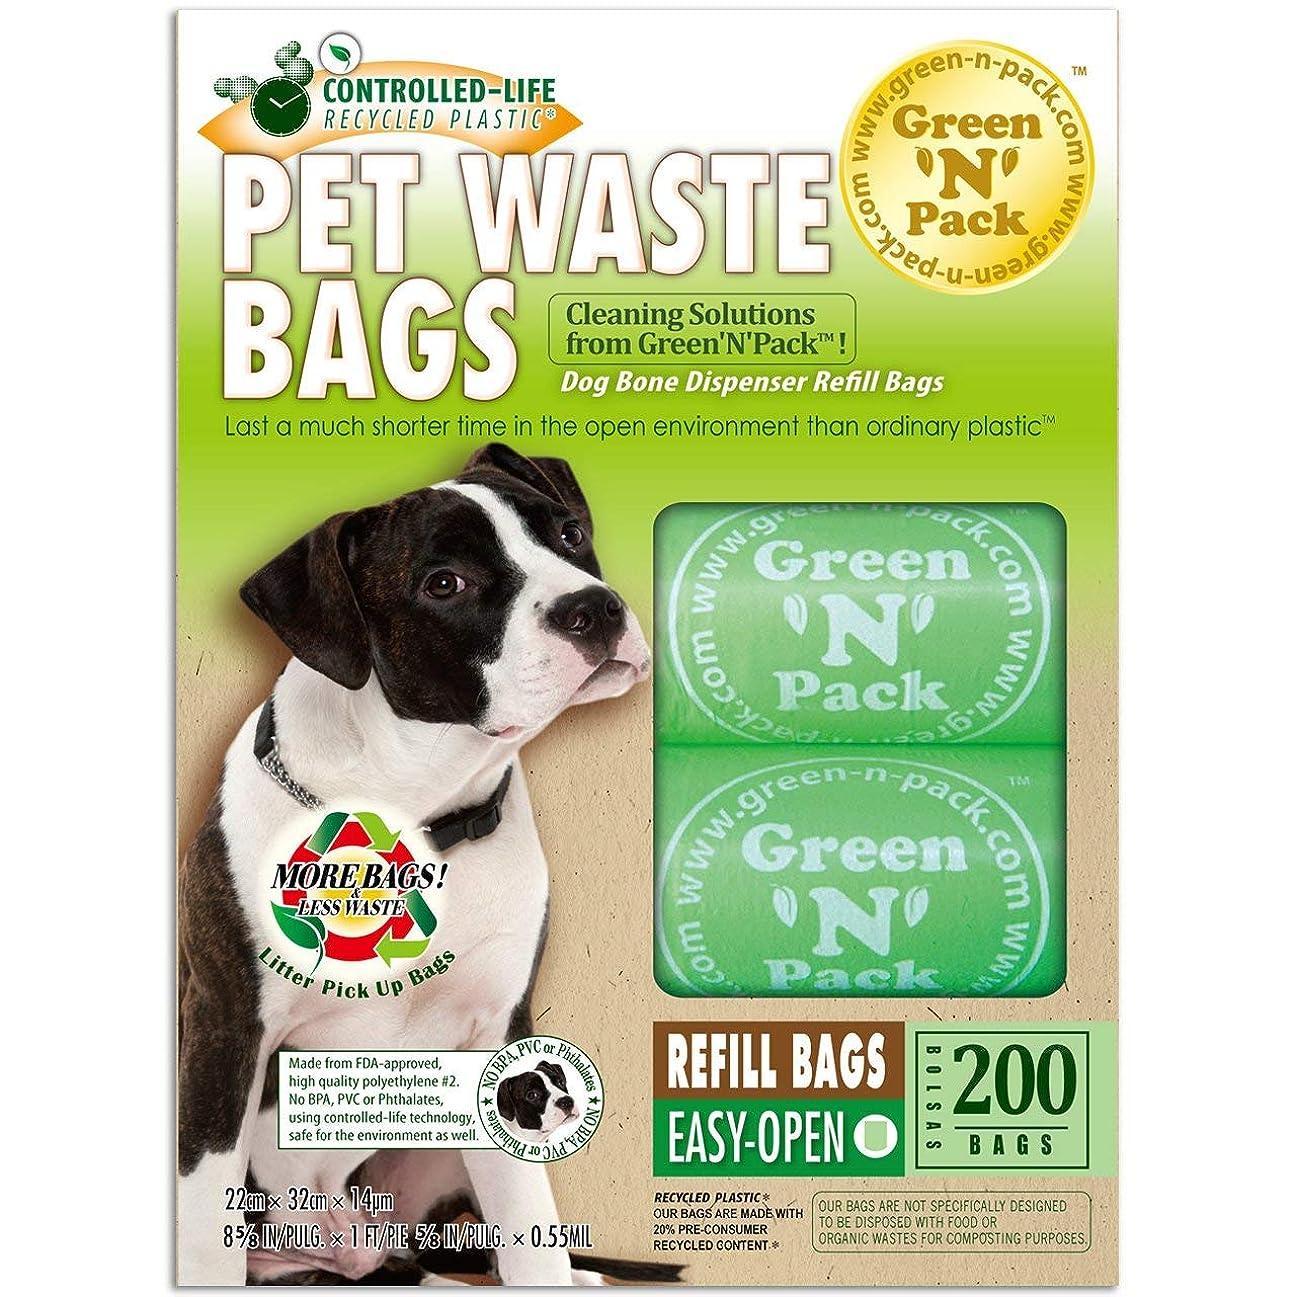 超音速ナプキンに話すGreen 'N' Pack Eco Friendly Bags - 犬Pooは日 75 パックを袋に入れる - 200バッグ